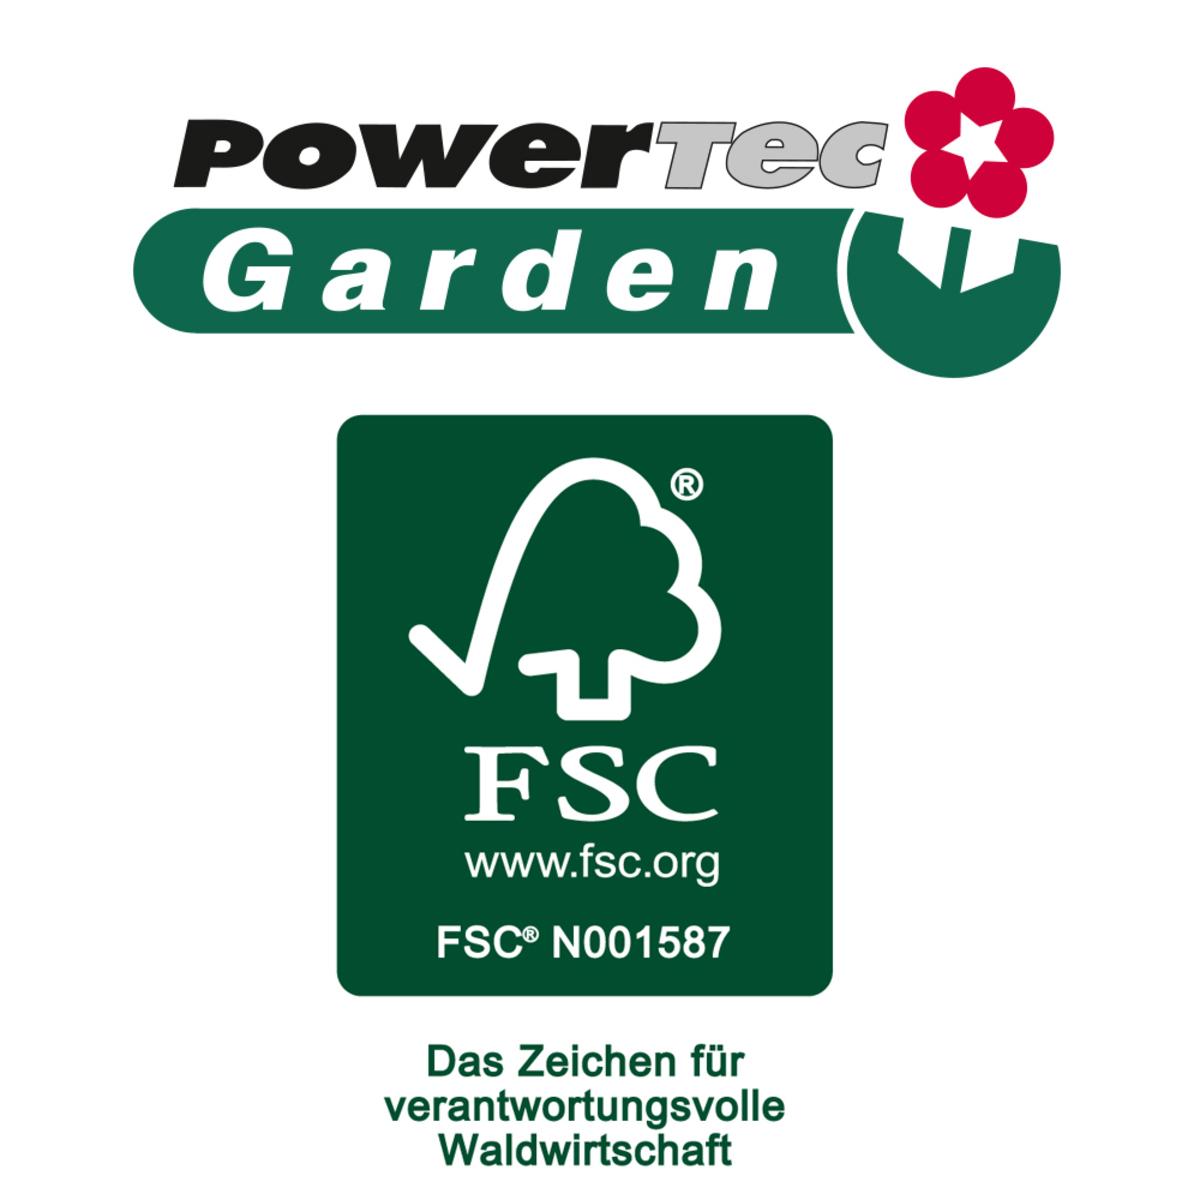 Bild 4 von Powertec Garden Hochbeet mit 4 Pflanzkästen